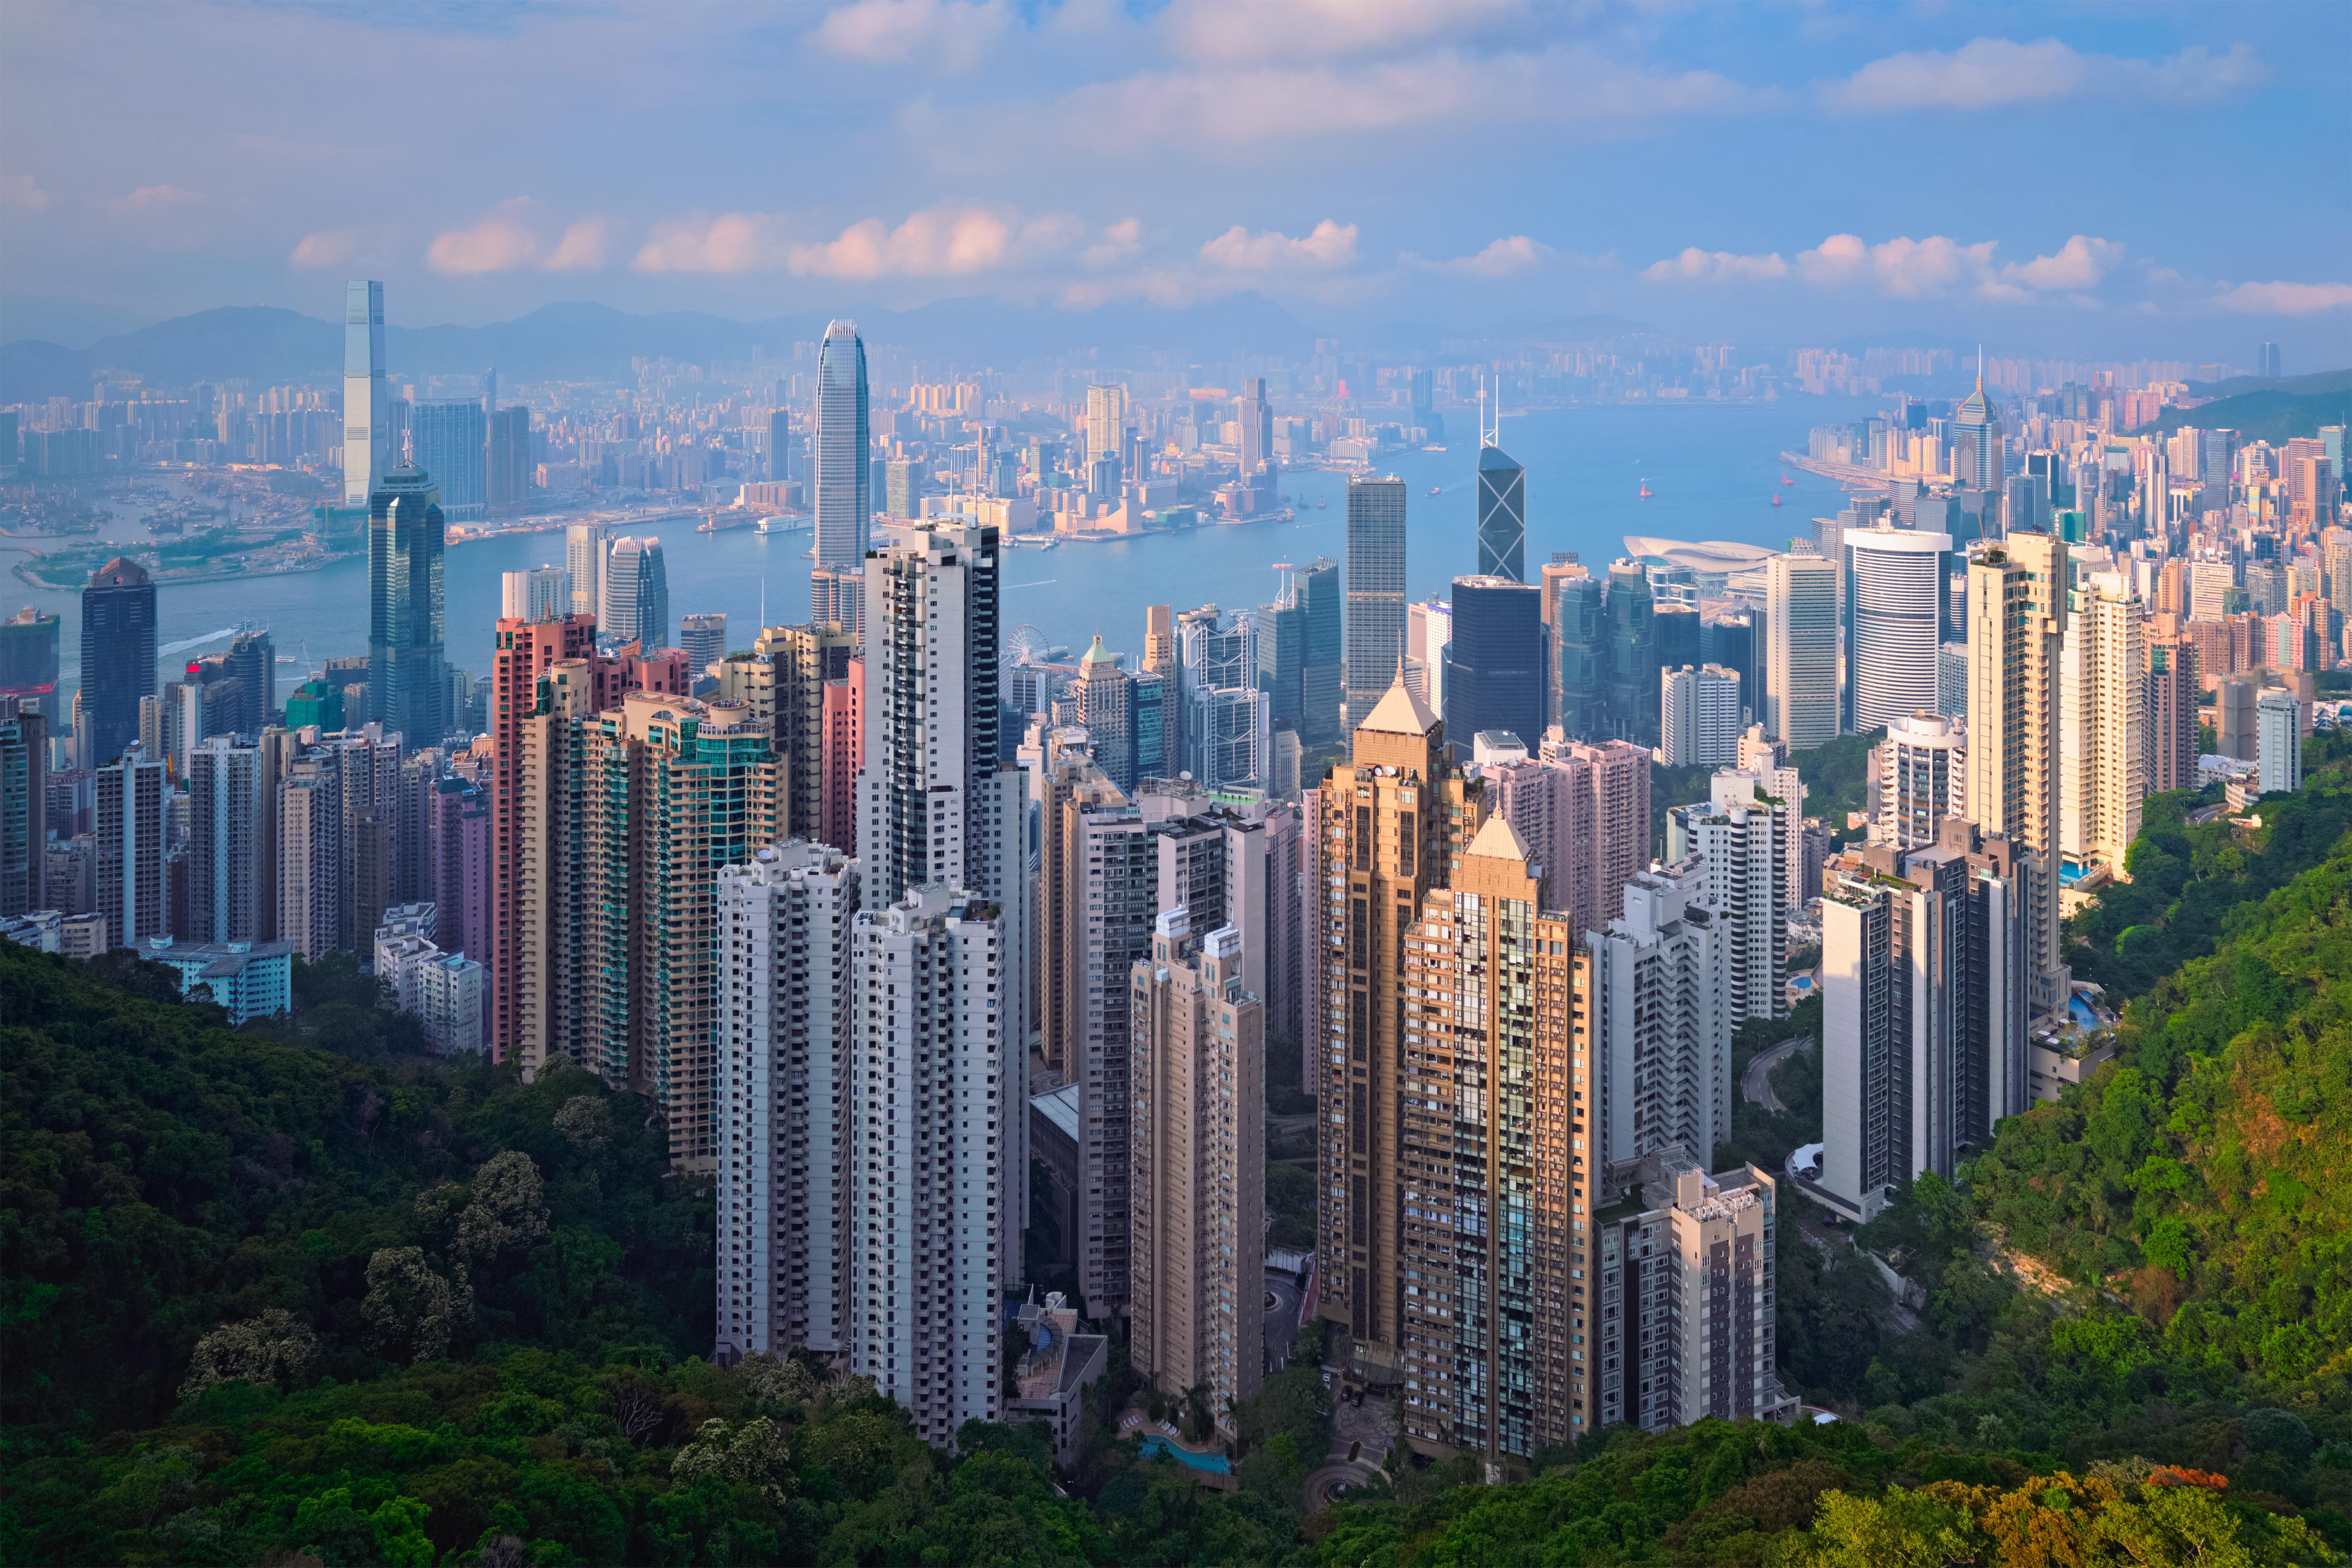 3 things that visitors should know about Hong Kong - Hong